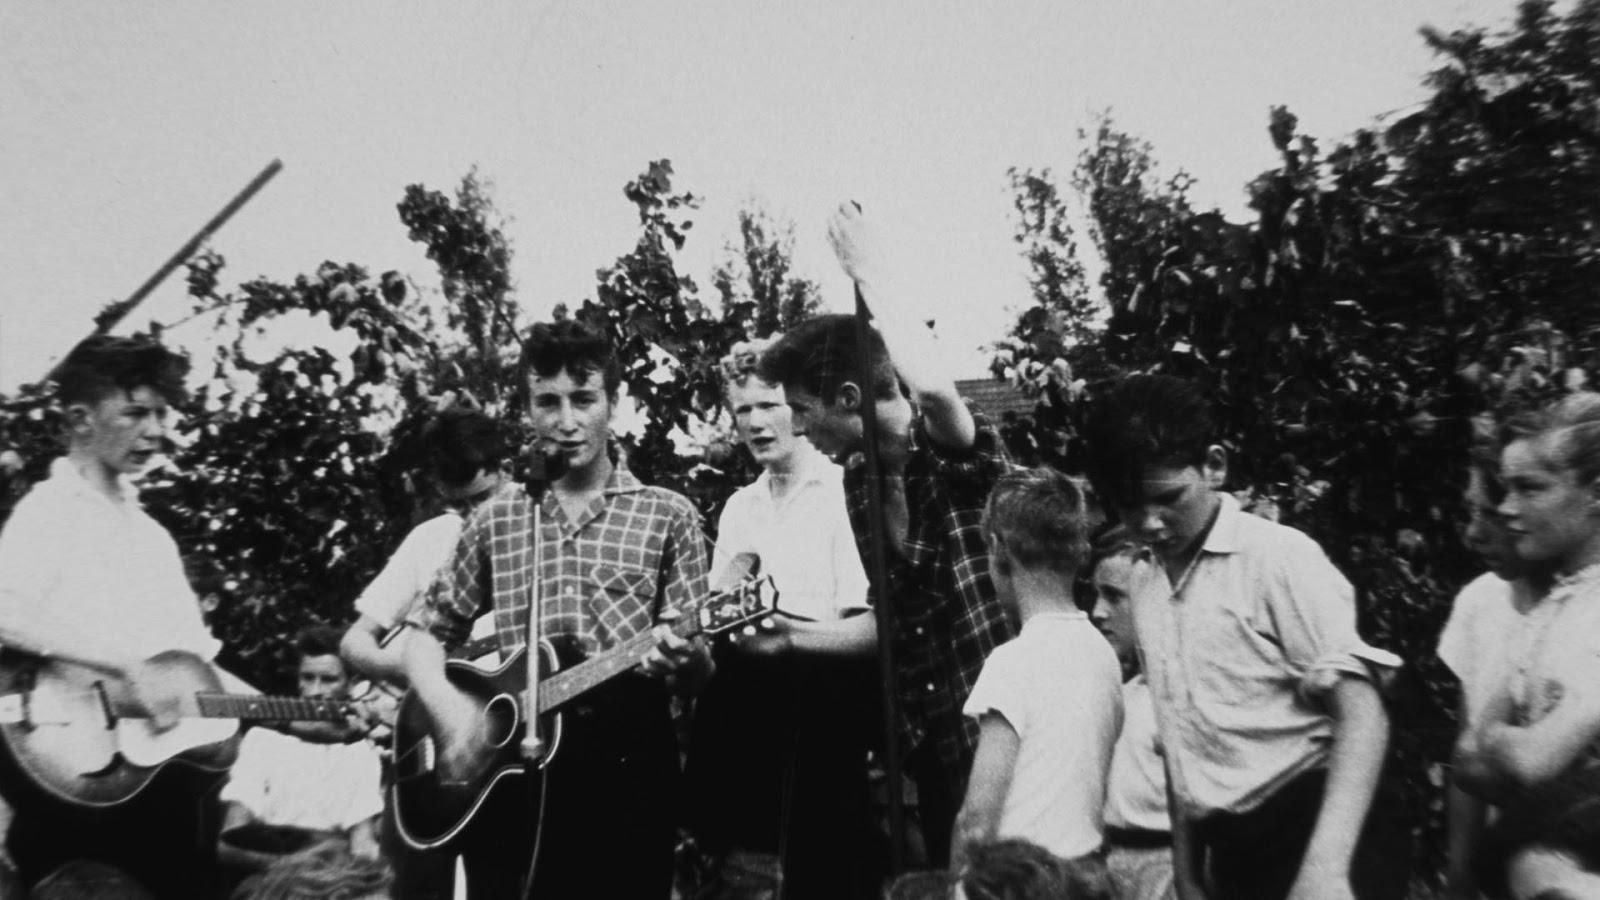 The Quarrymen, 6 июля 1957 года (день знакомства Джона Леннона и Пола Маккартни)